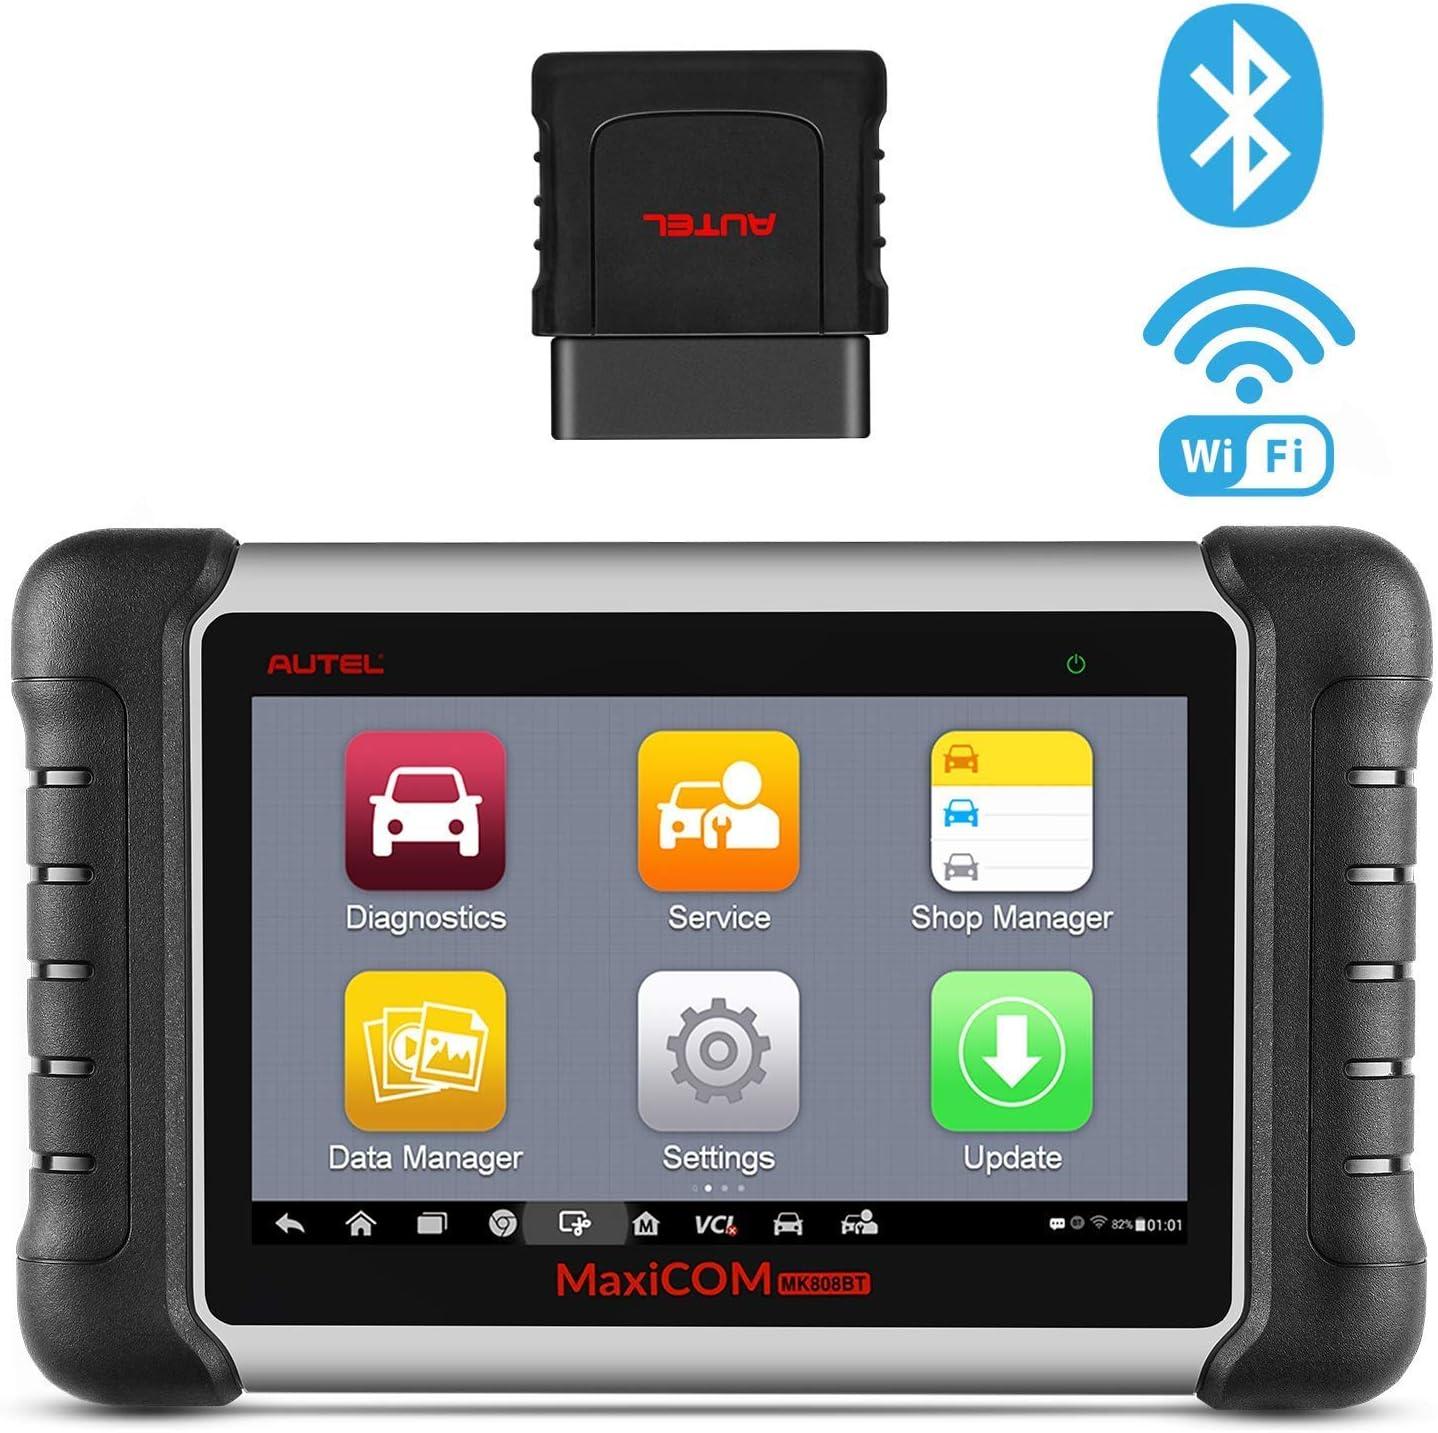 Autel MaxiCOM MK808BT OBD2 Bluetooth Herramienta de diagnóstico con Todas Las de Sistema y 21 Servicios Incluyendo DPF, EPB, BMS, SAS, TPMS e IMMO, Versión Actualizada de MK808